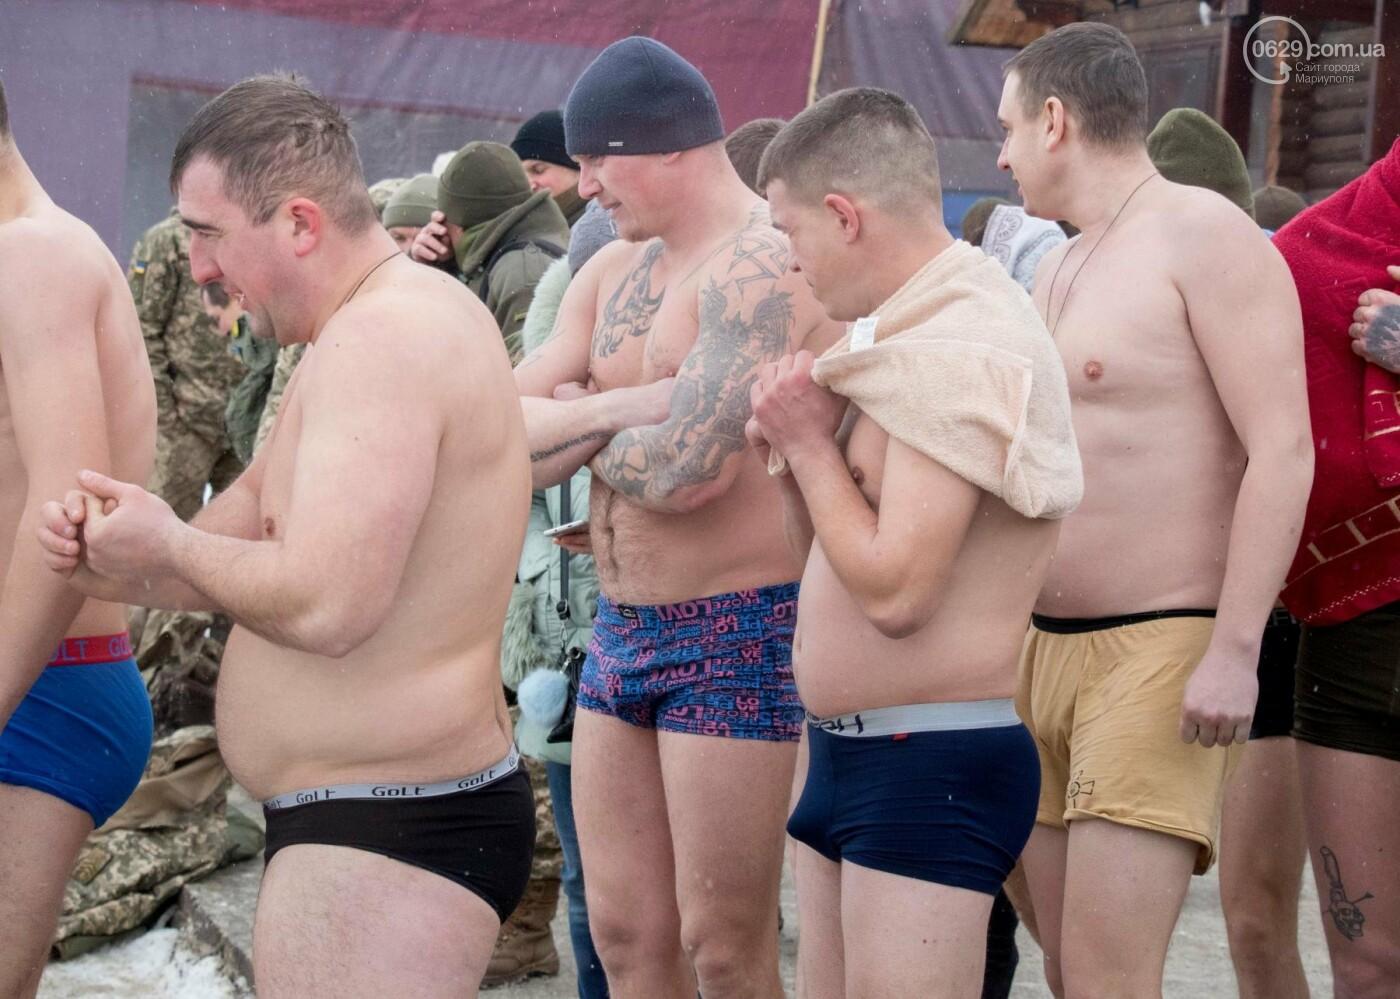 Голые и освященные: крещенский фоторепортаж 0629.com.ua, фото-24